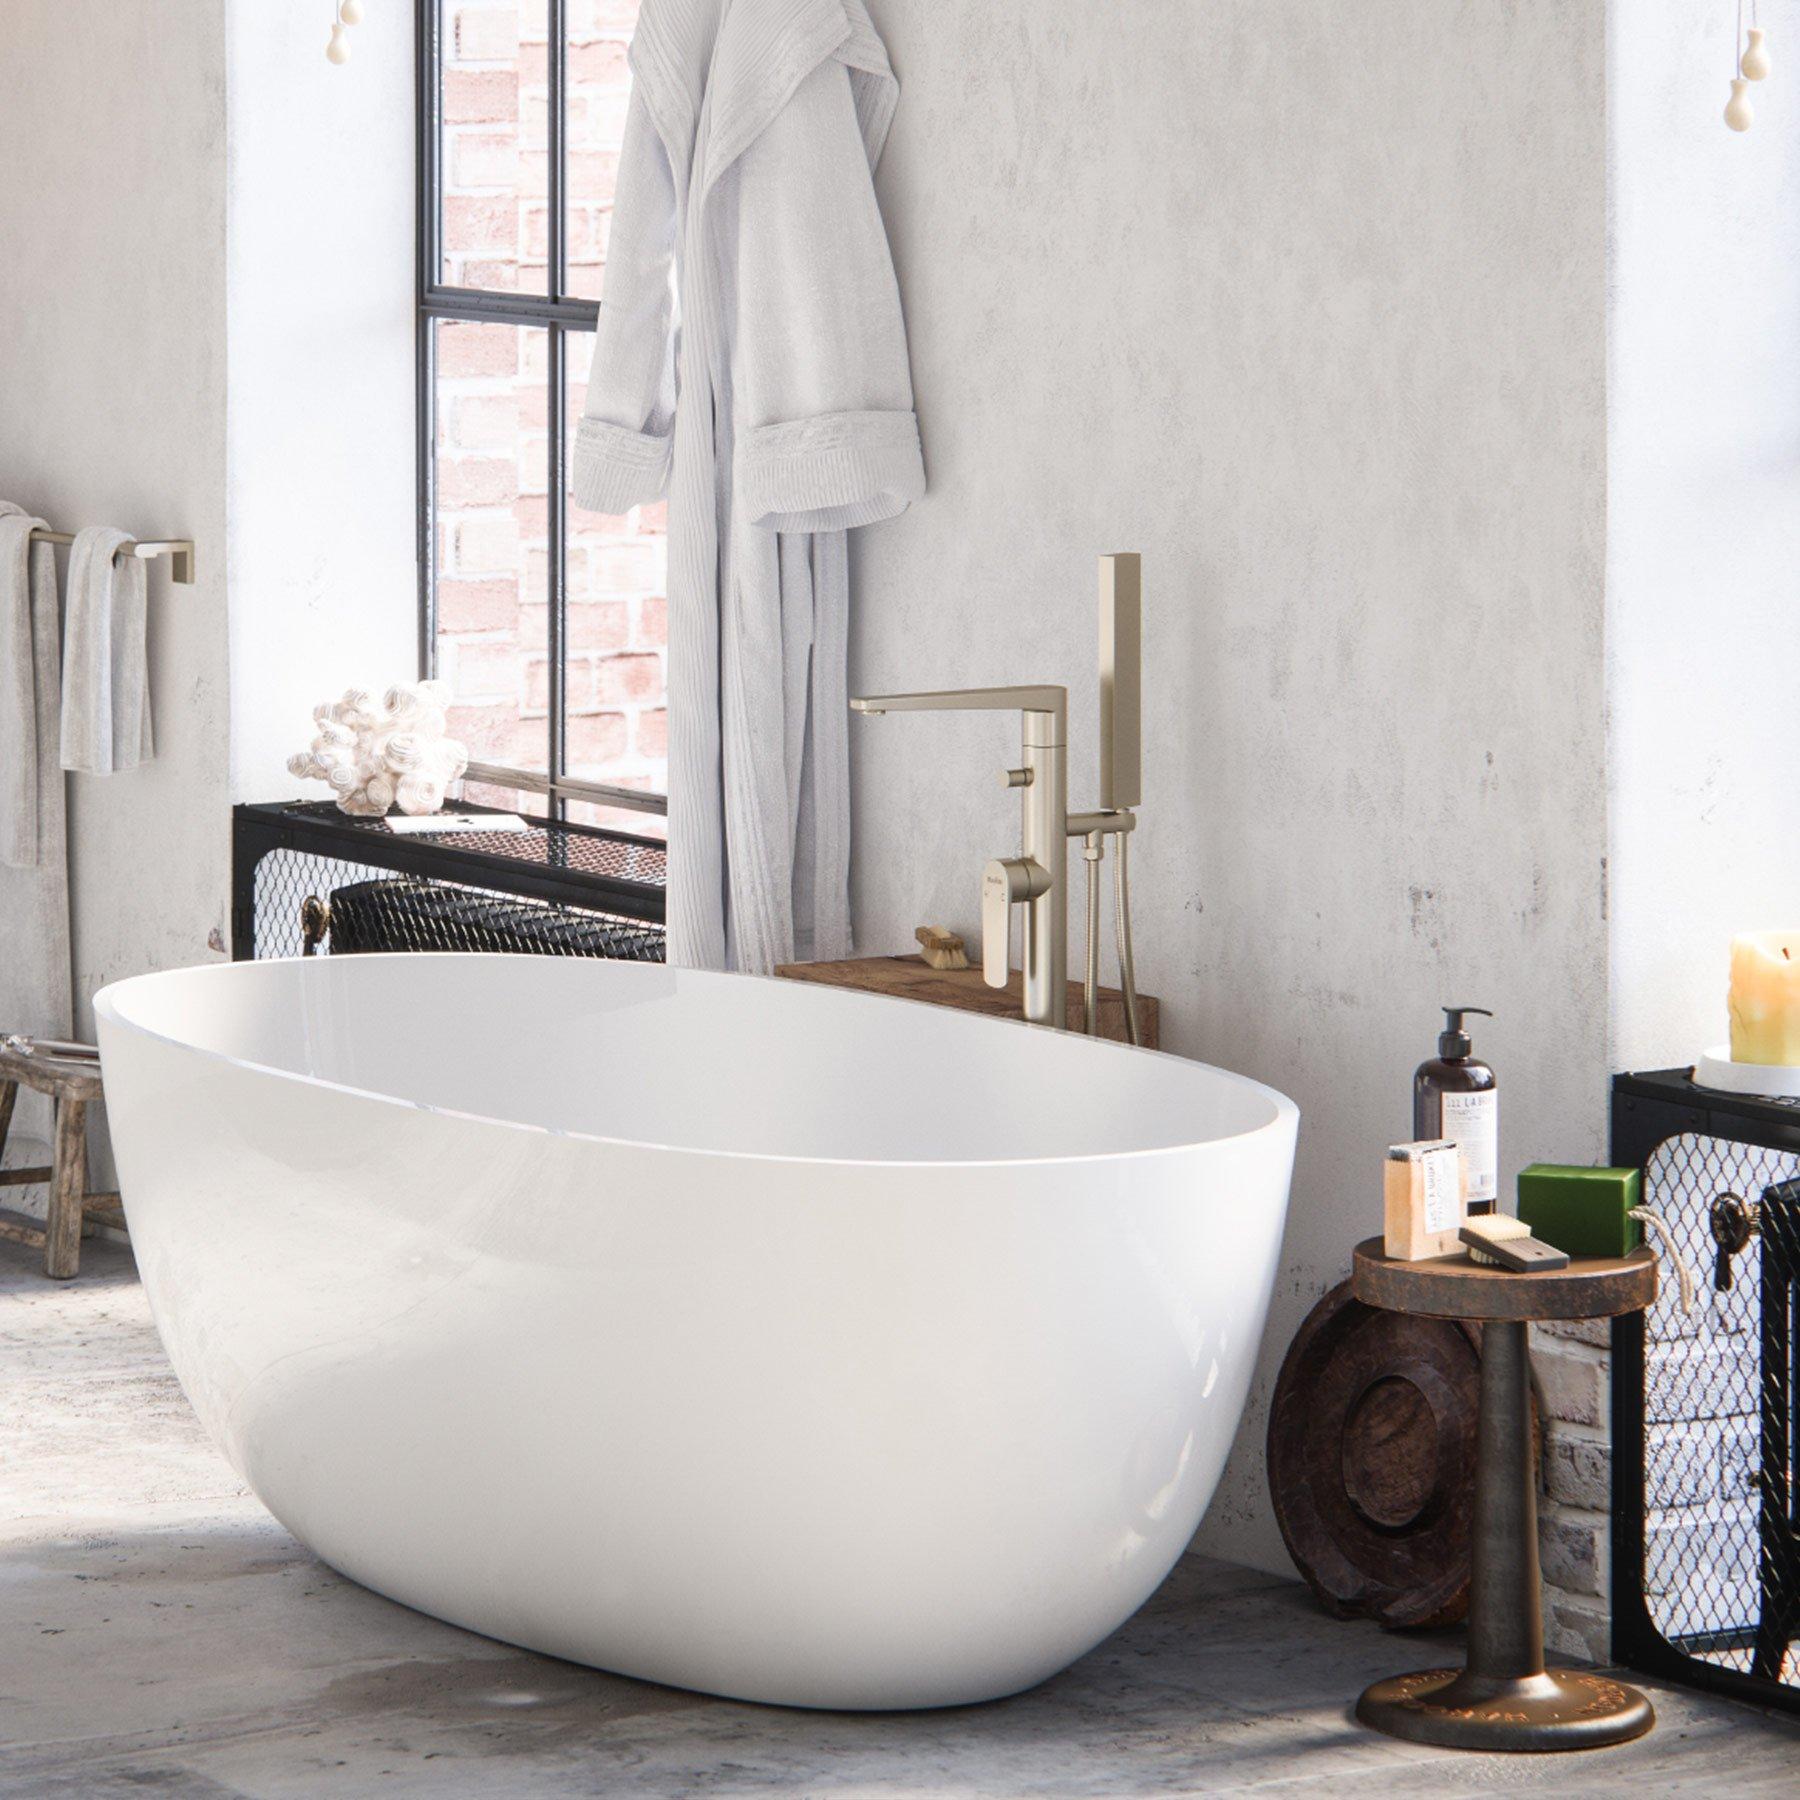 Best Rated in Freestanding Bathtubs & Helpful Customer Reviews ...